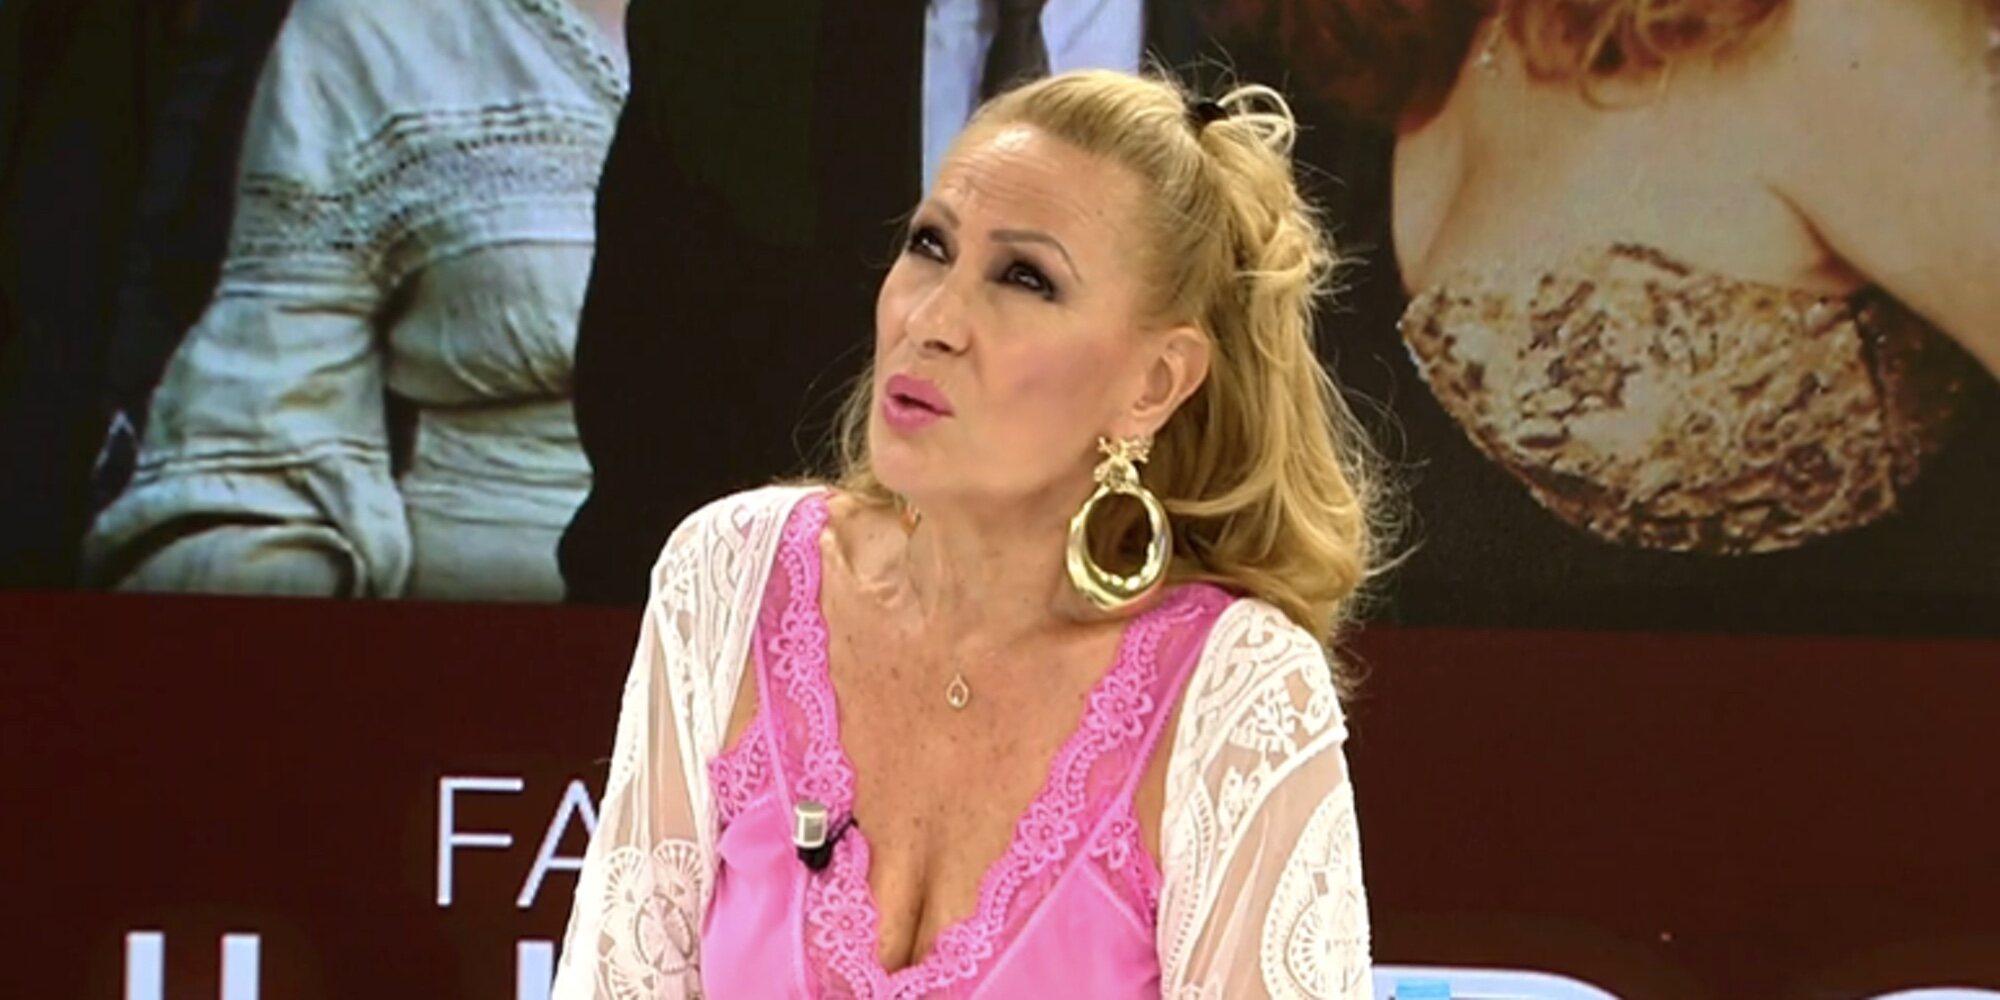 """Rosa Benito, de la intervención de Rocío Carrasco: """"Ojalá la Virgen de Regla no tire al suelo la grandeza de Rocío Jurado"""""""